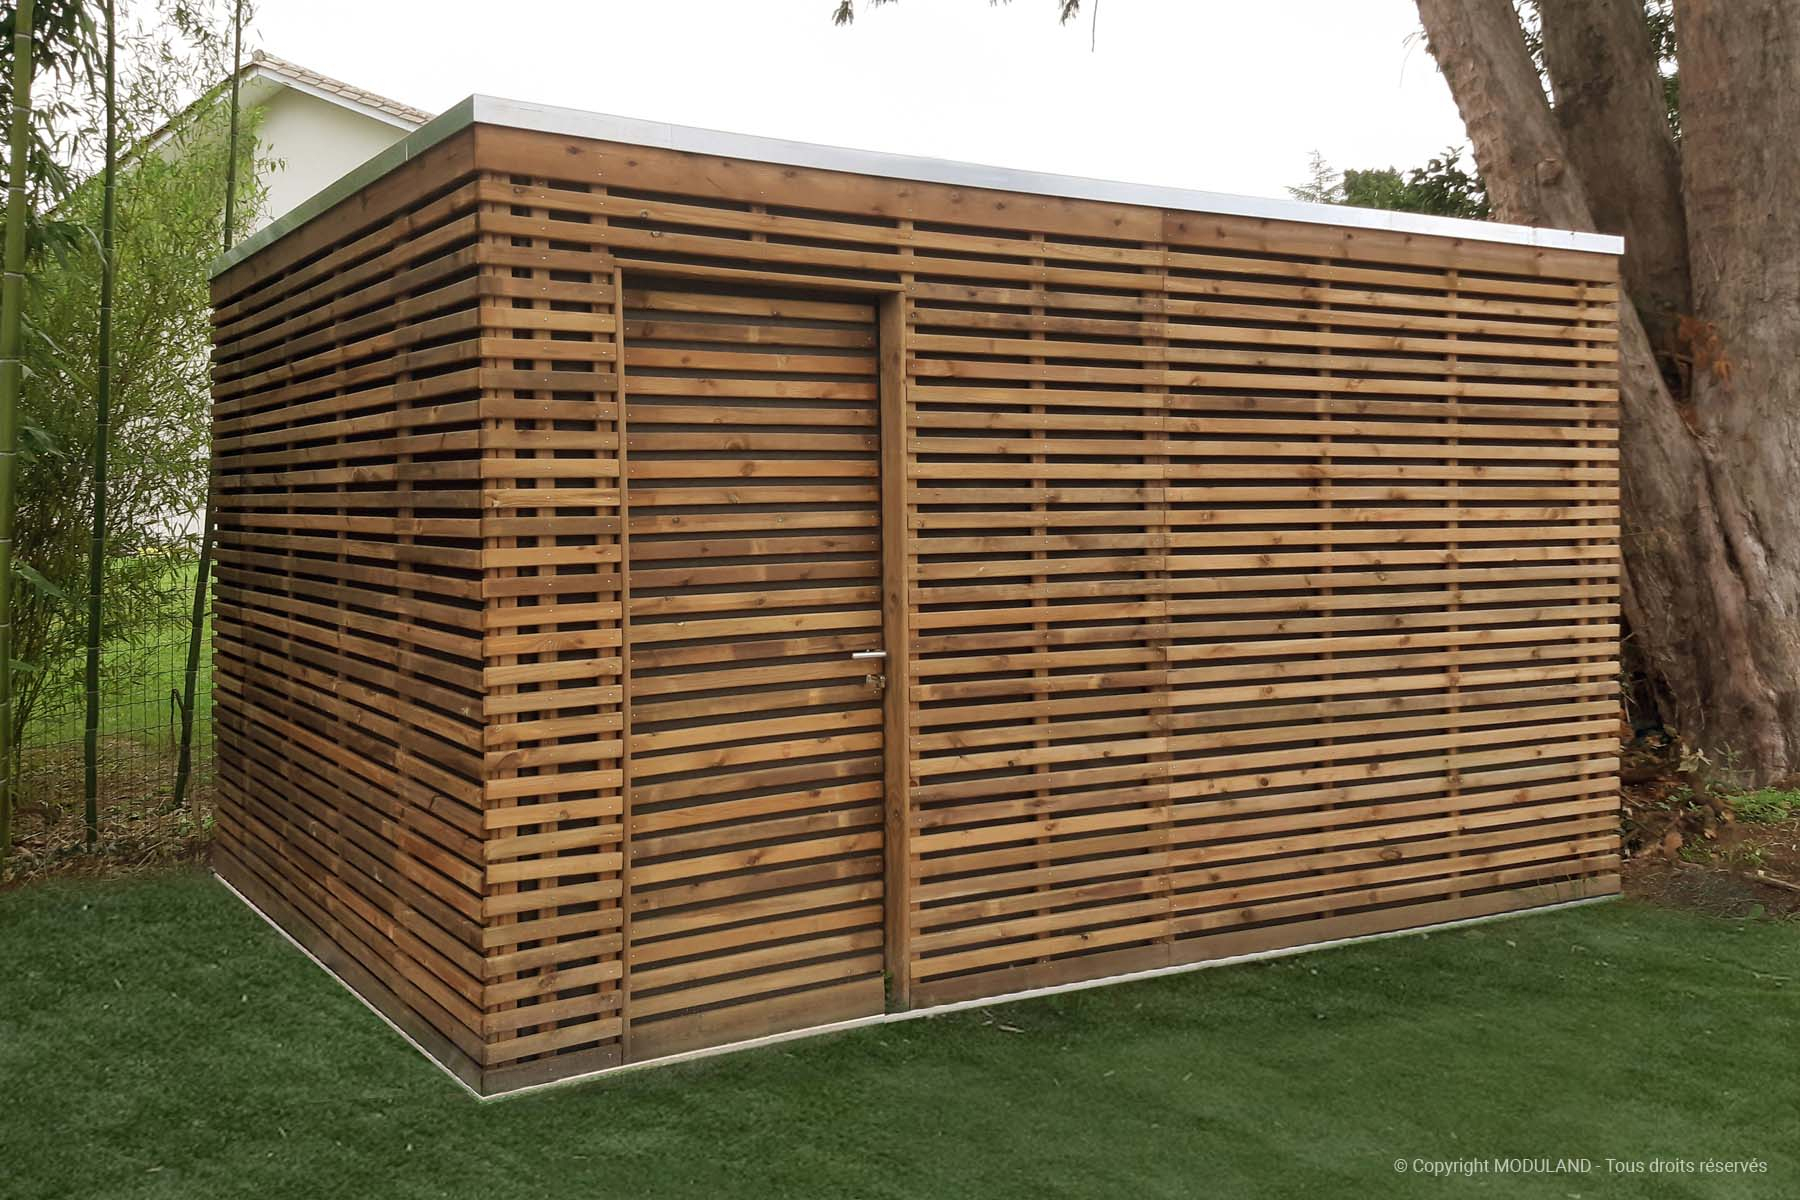 Fabricant D'abris Et Structures Bois Sur Mesure | Moduland avec Abris A Bois